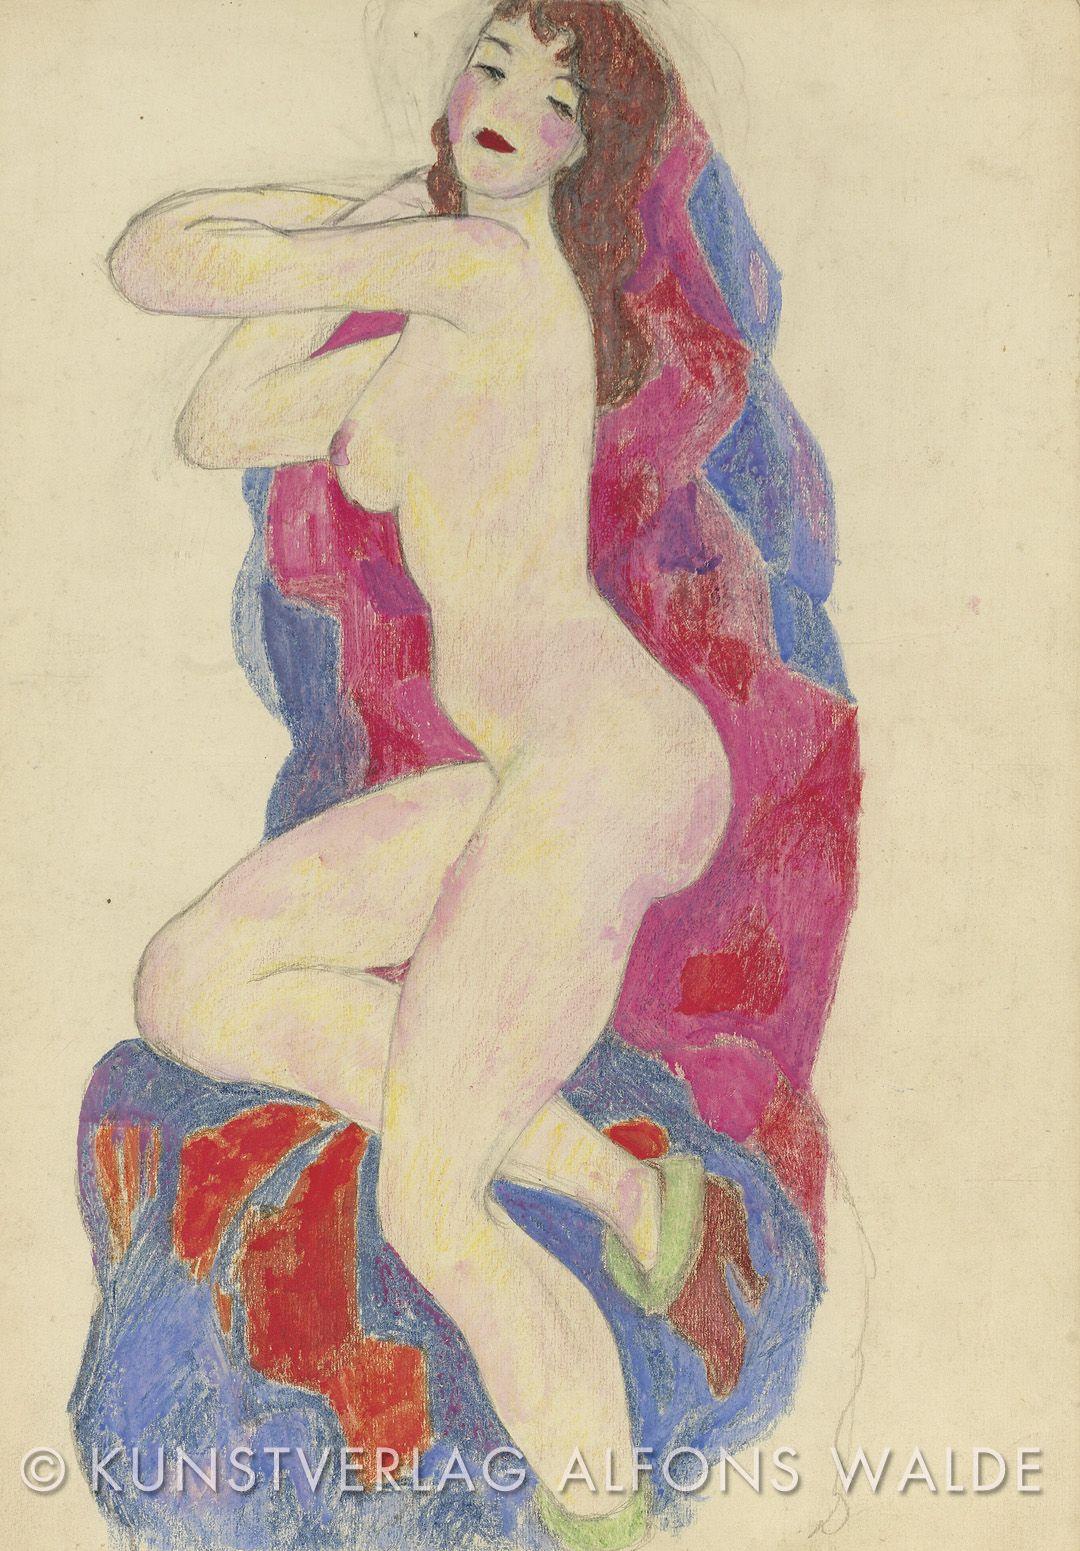 Alfons Walde - Akt mit roten Lippen (1919)